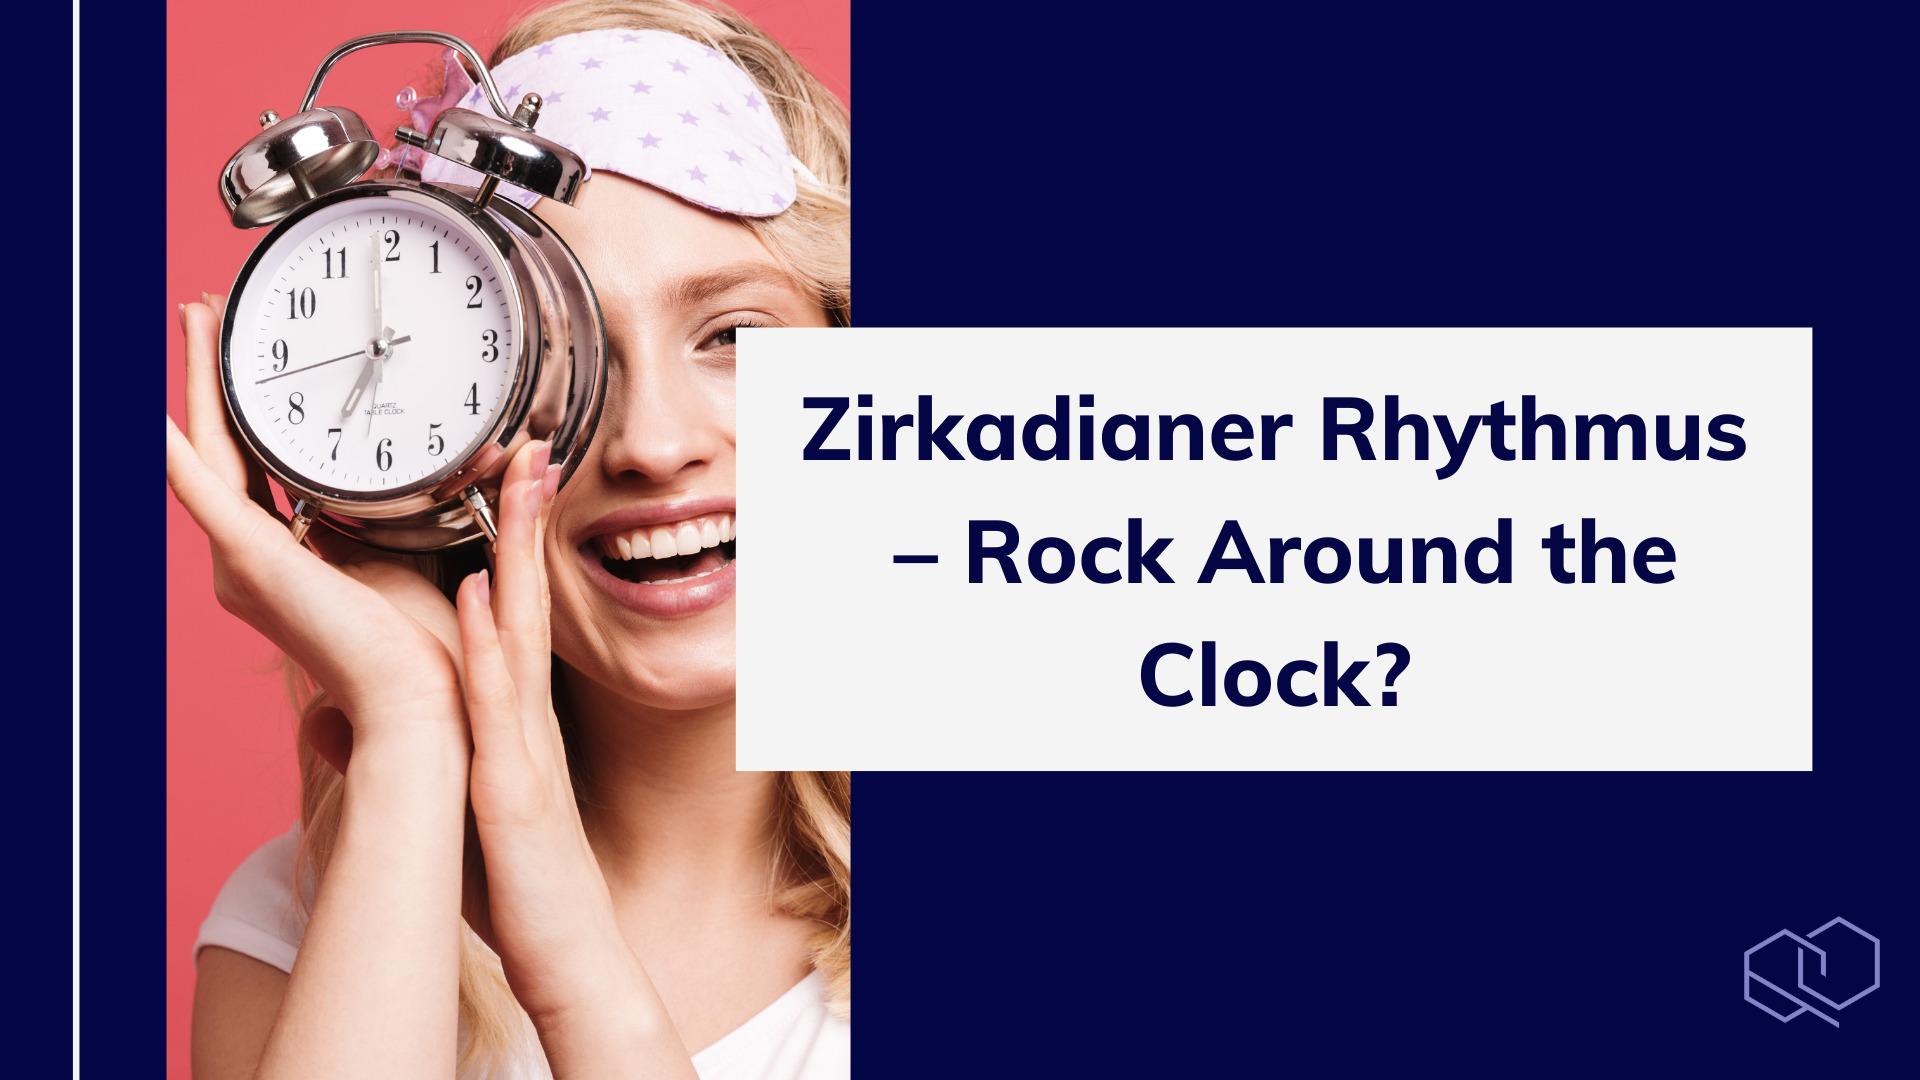 Zirkadianer Rhythmus – Rock Around the Clock?